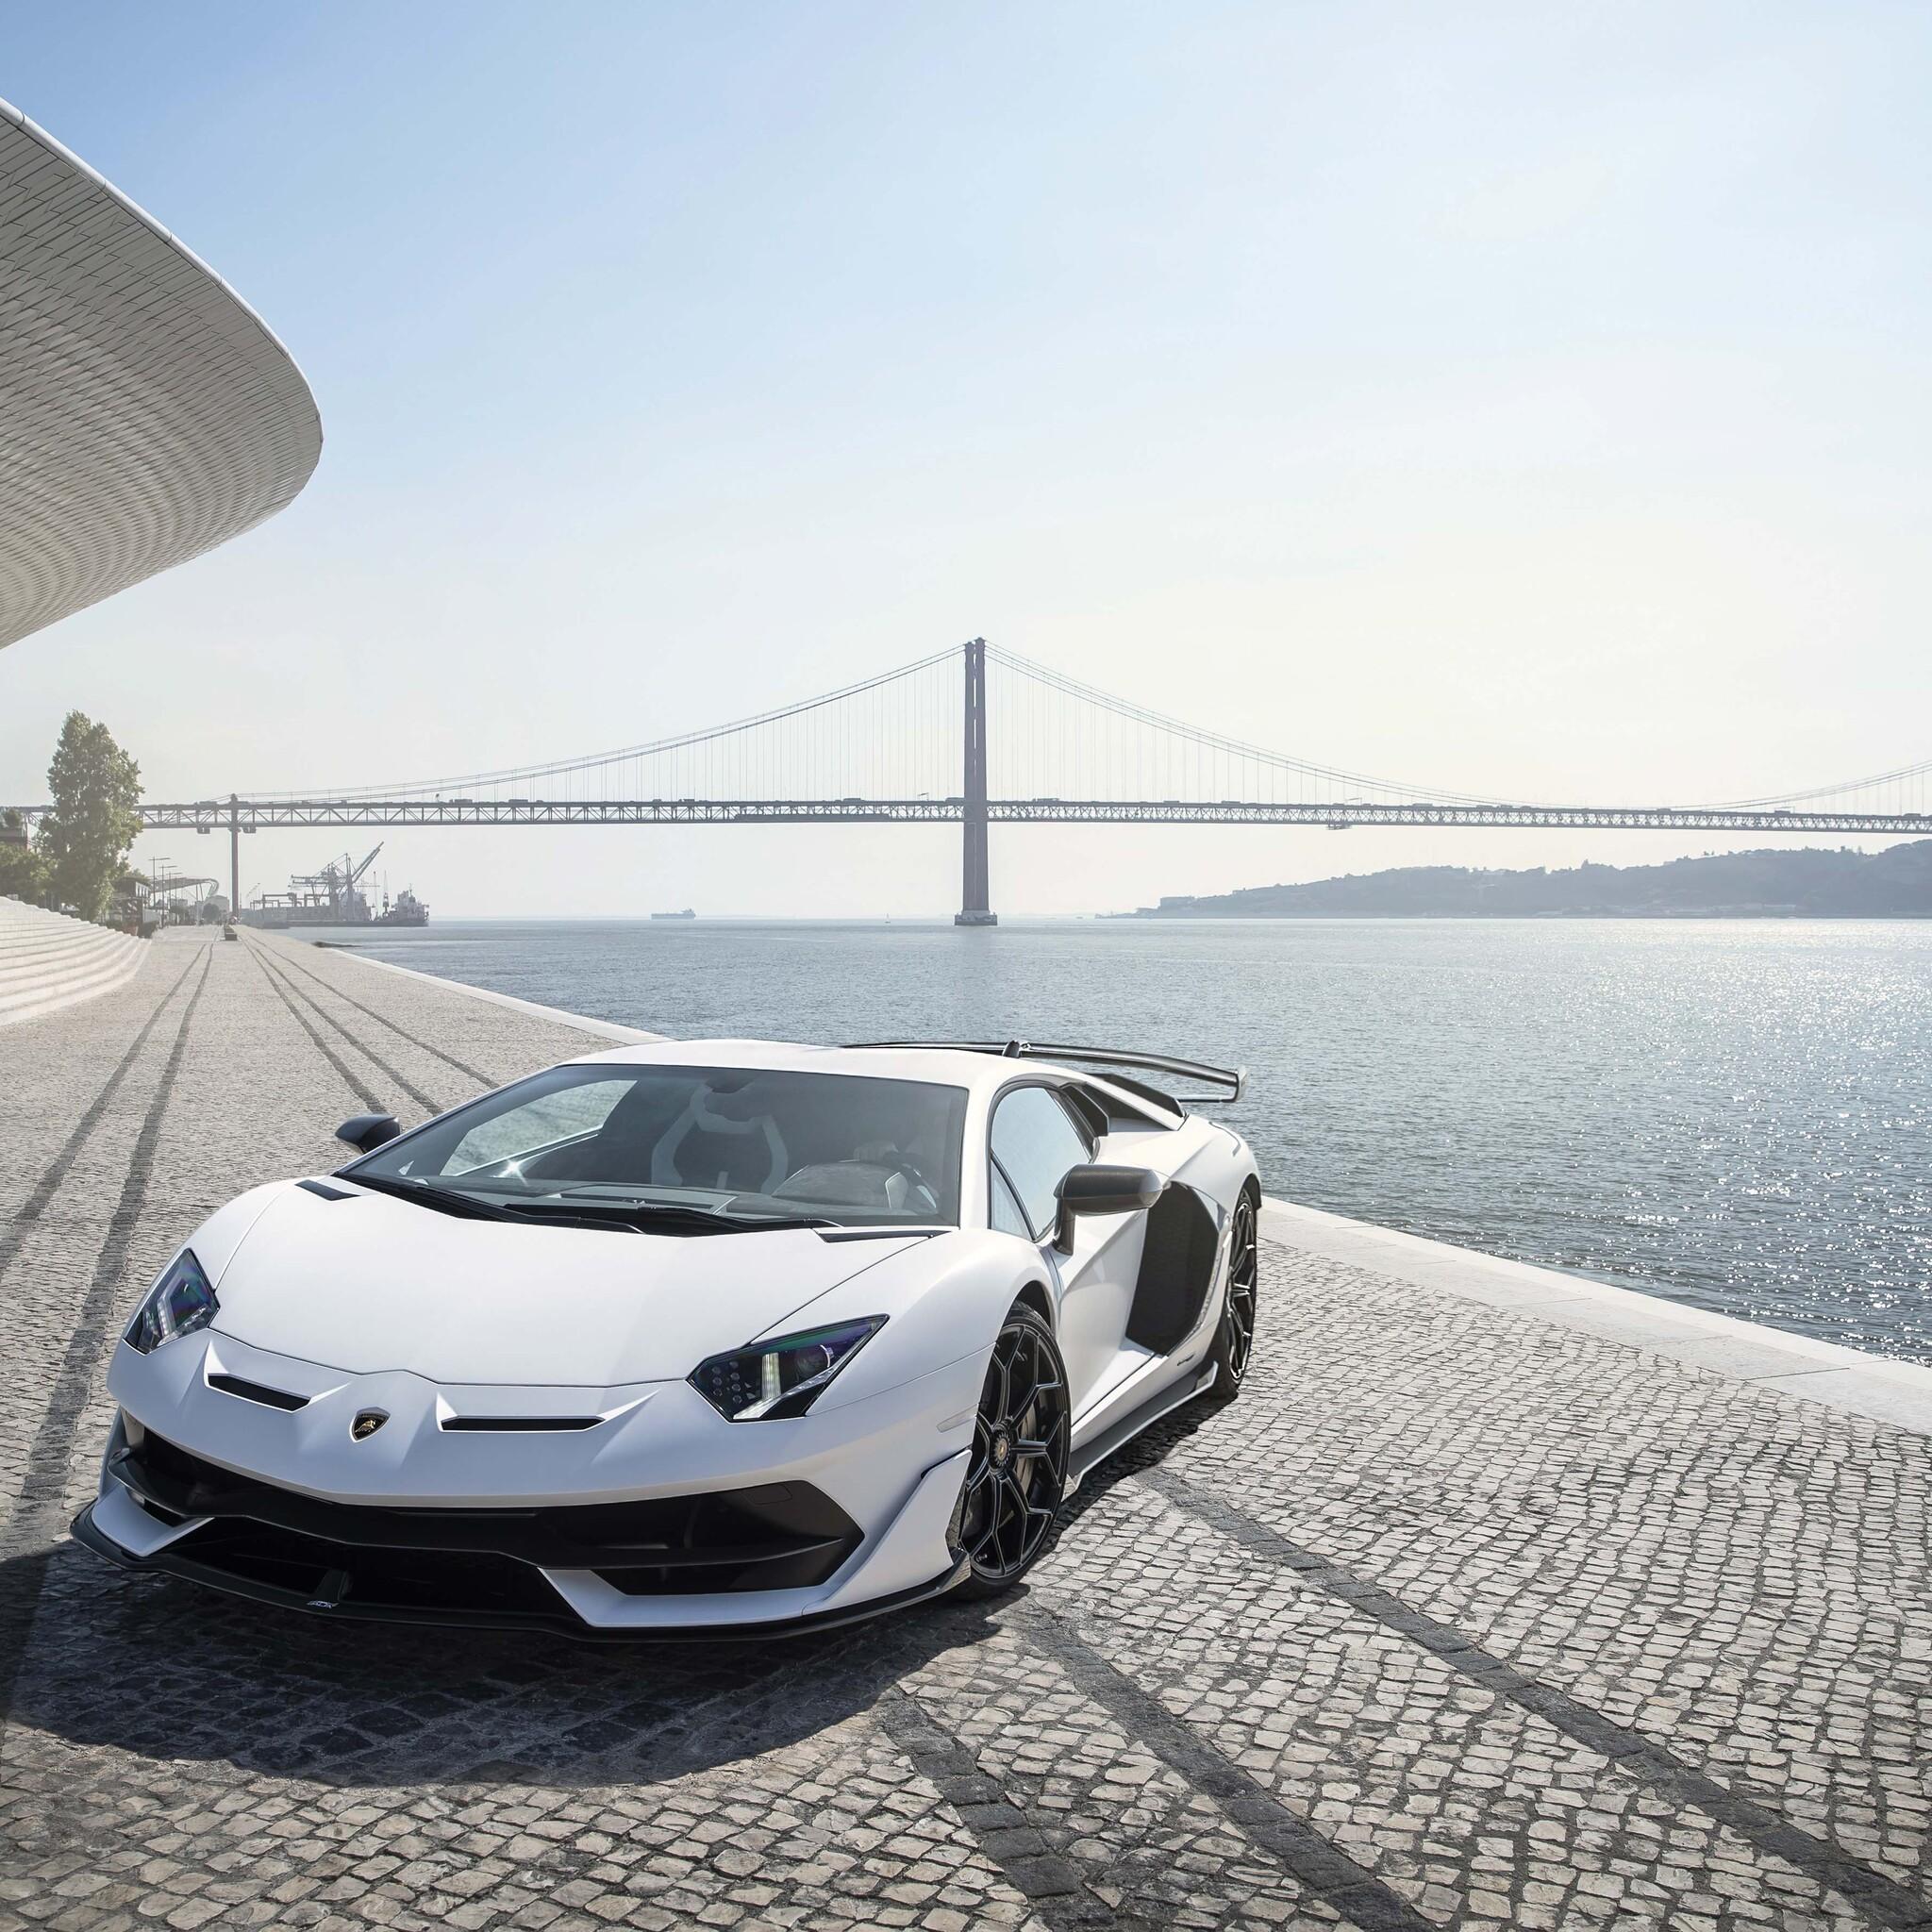 2048x2048 Lamborghini Aventador Svj White Lisbon 5k Ipad